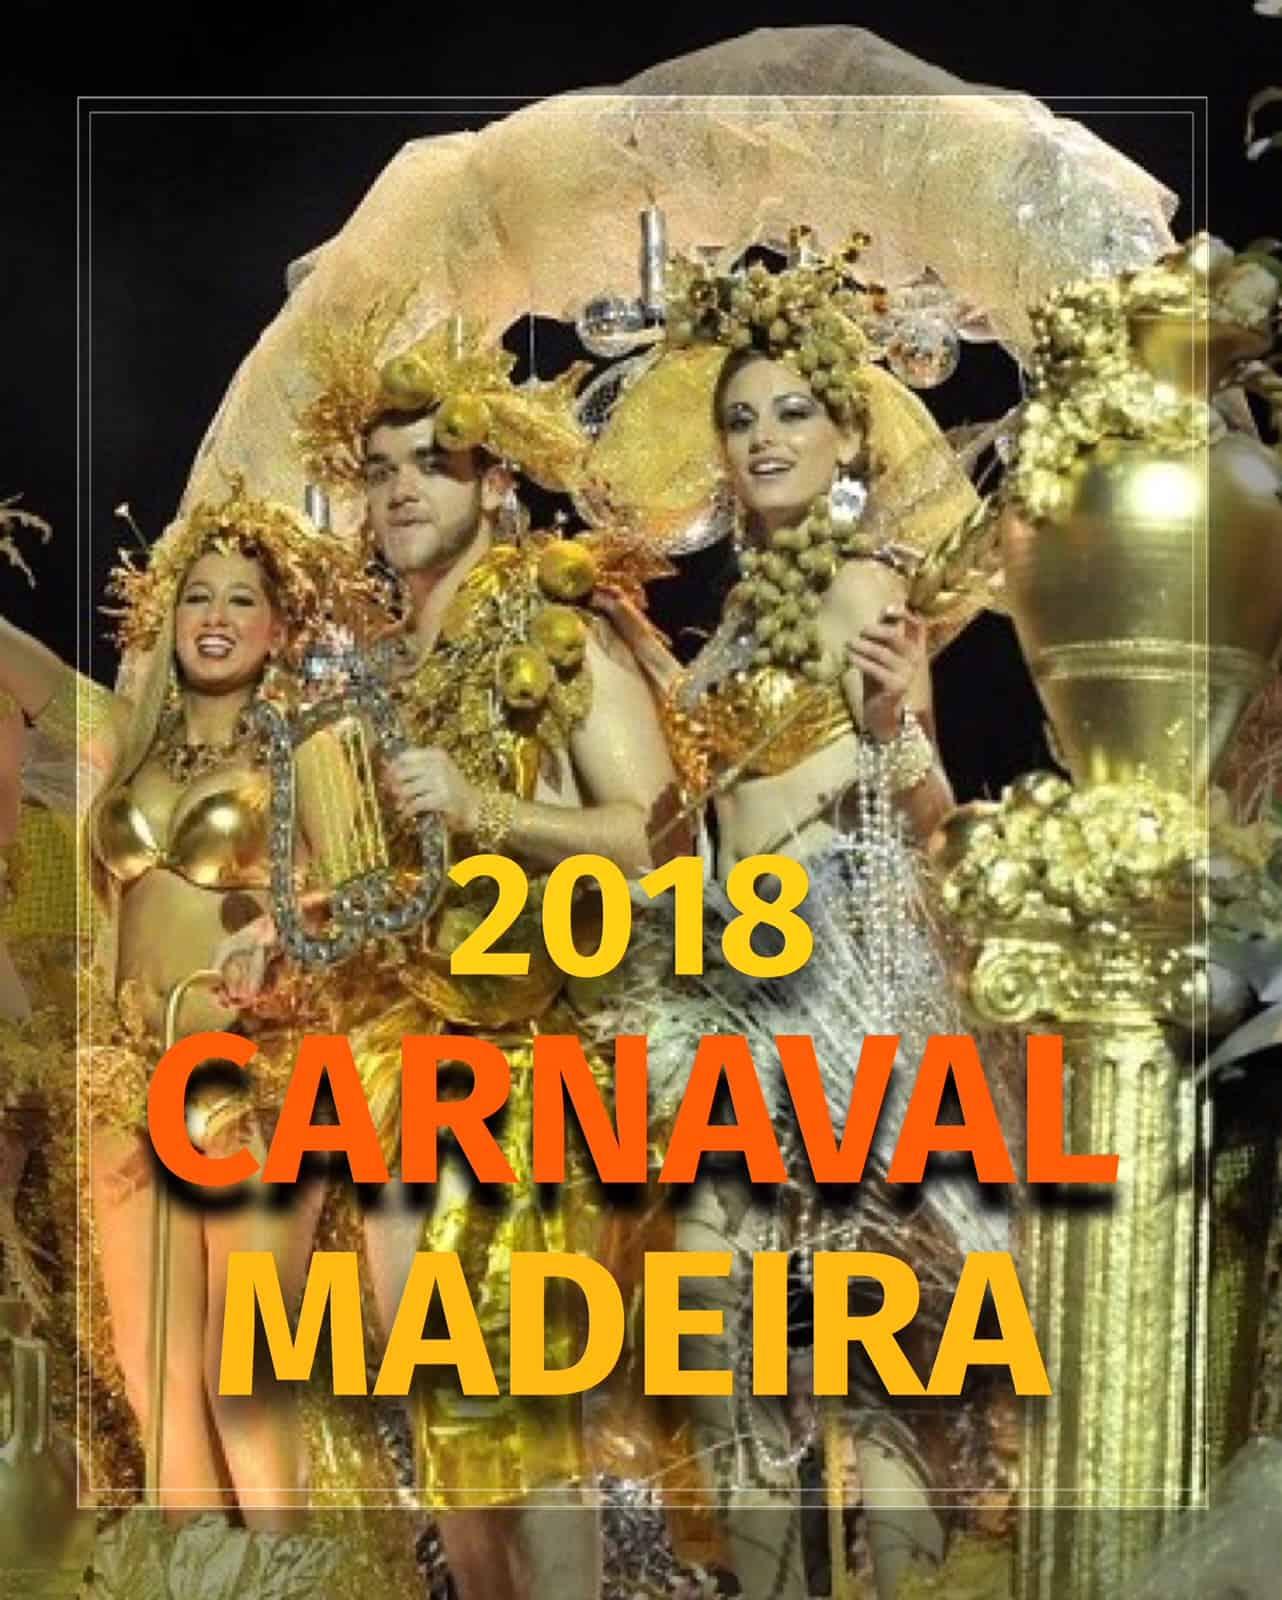 CARNAVAL DA MADEIRA 2018   PROGRAMA GERAL